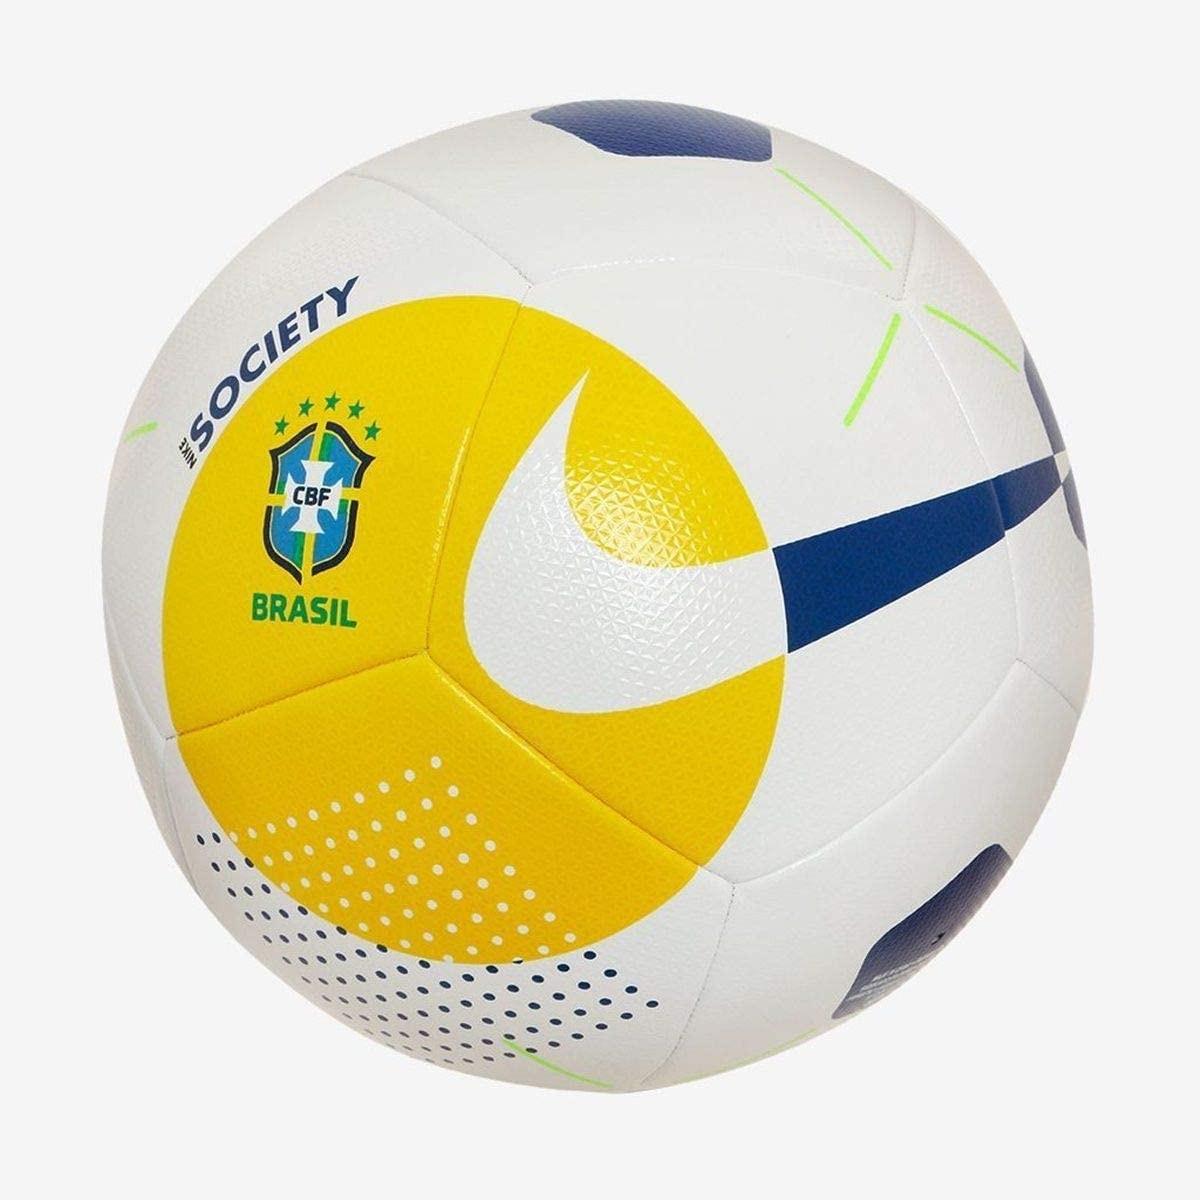 Bola Society Nike Brasil CBF Branco e Amarelo